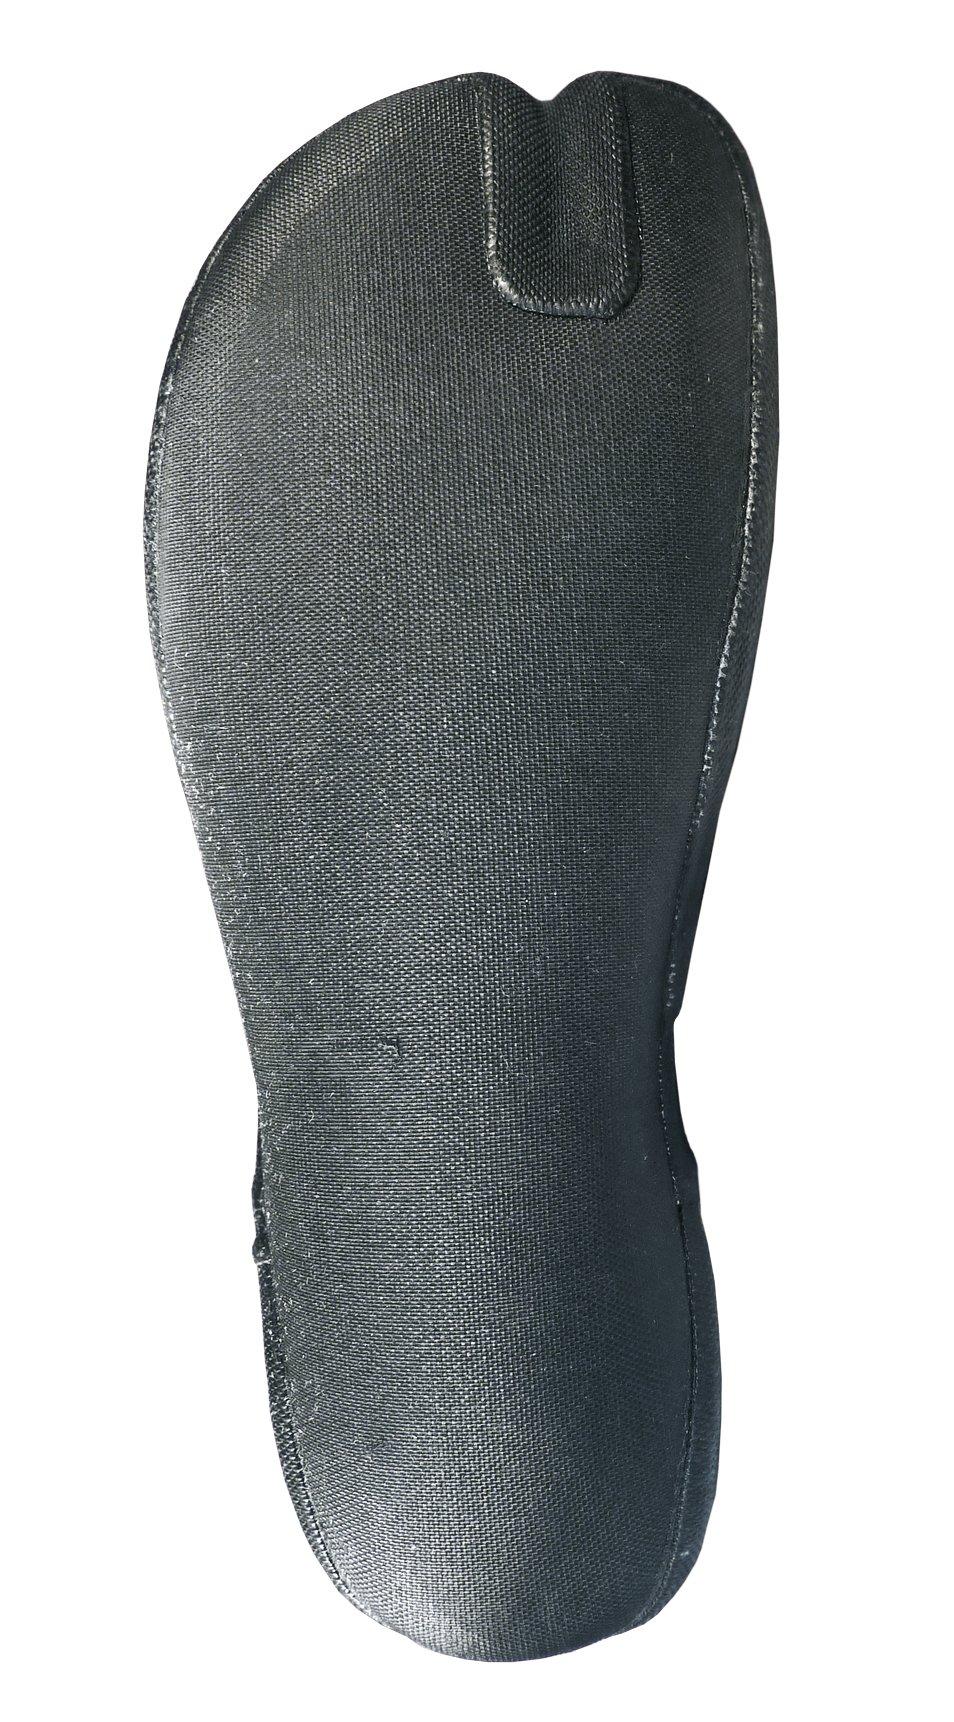 Image of ESCARPIN XCEL AXIS ROUND TOE 3MM EN LIQUIDACION